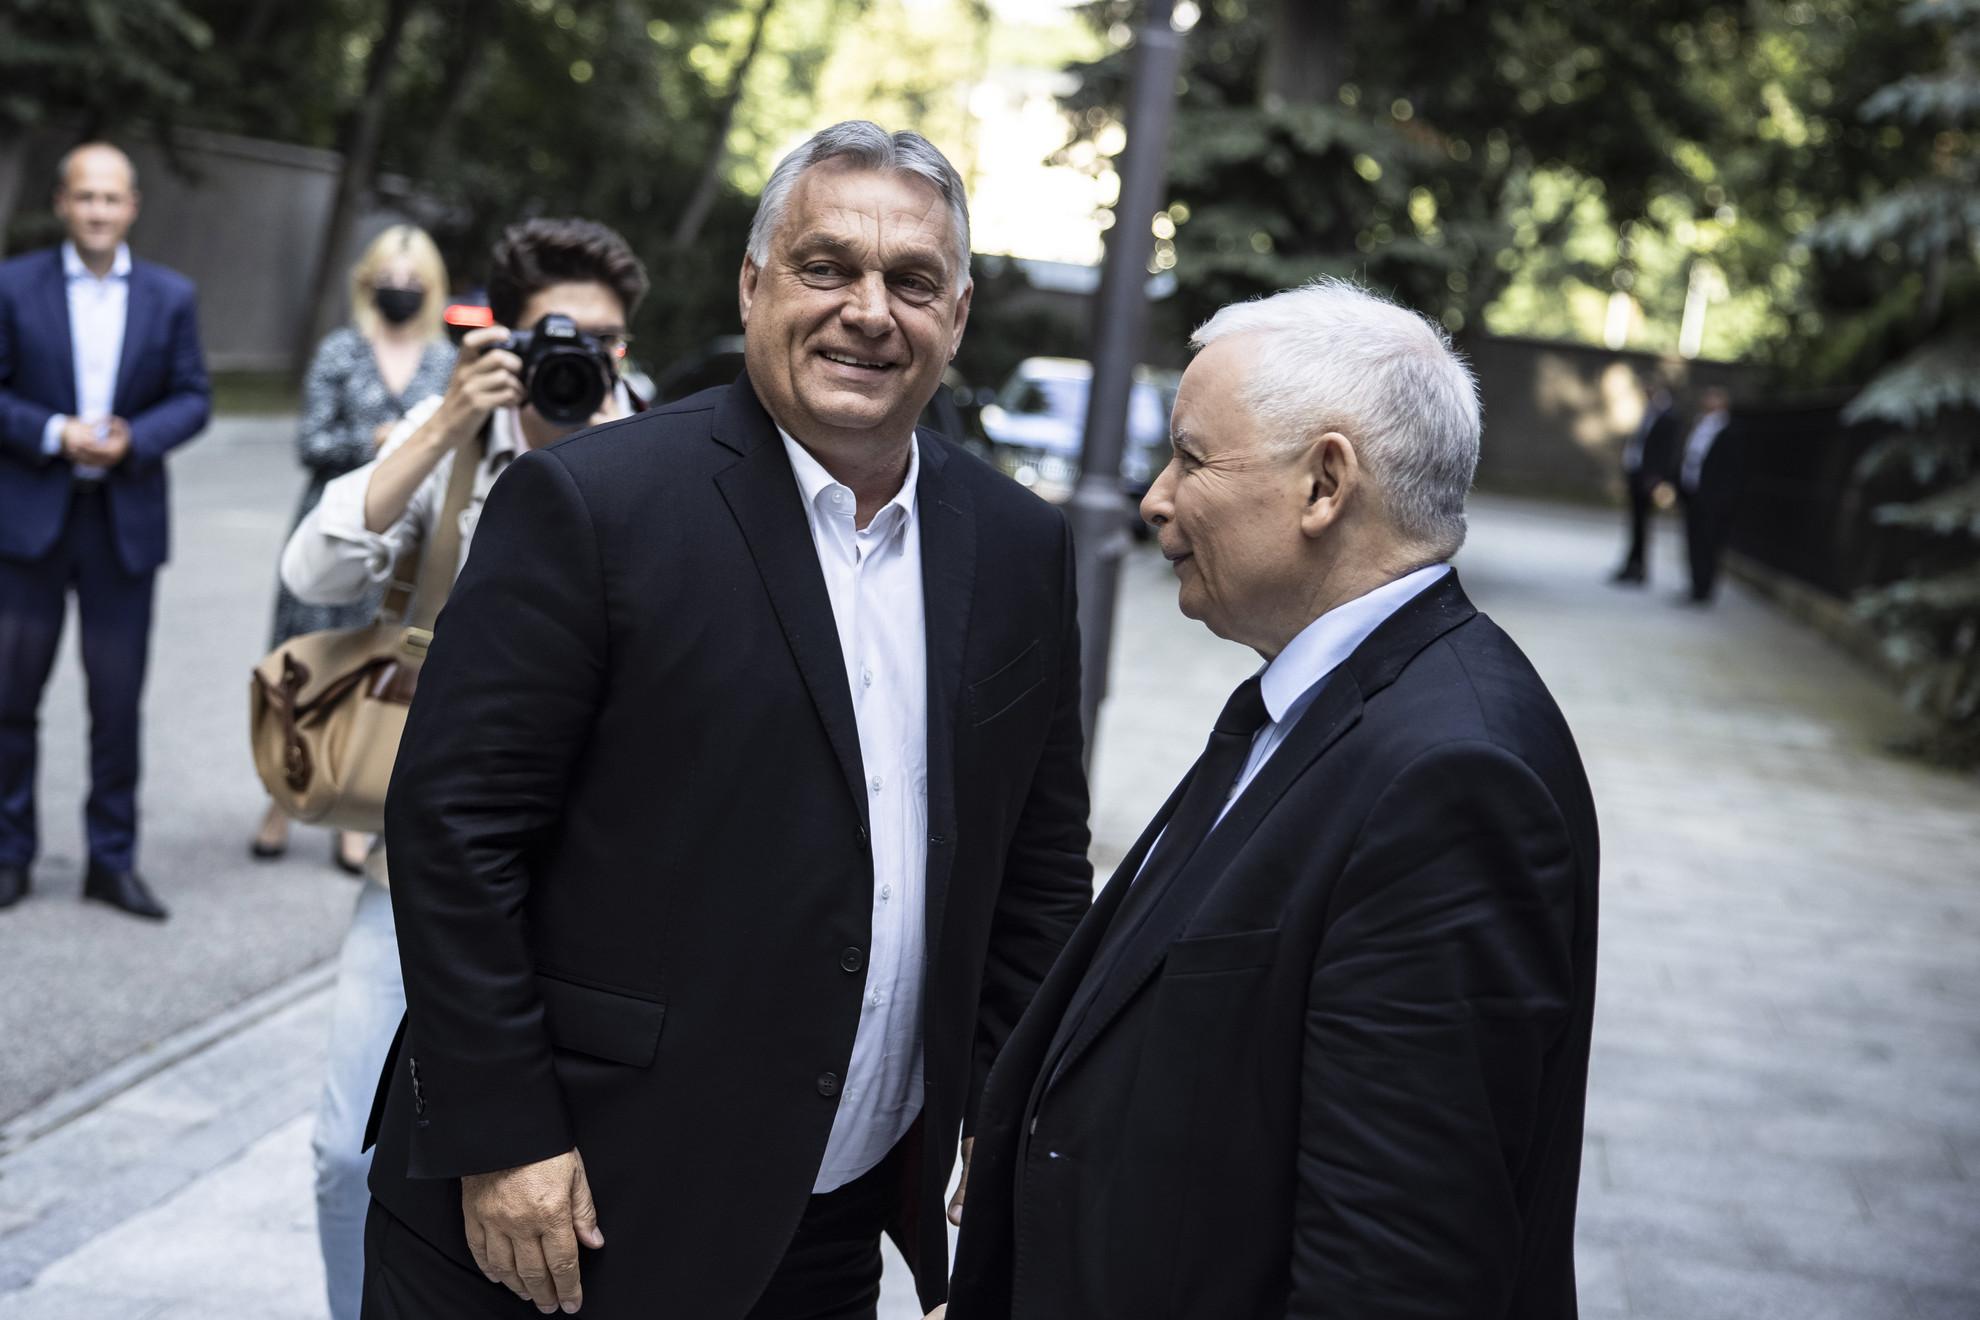 Orbán Viktor miniszterelnök, a Fidesz elnökének (b) és Jarosław Kaczynski, a lengyel Jog és Igazságosság (PiS) párt elnökének, Lengyelország miniszterelnök-helyettesének találkozója (j) Varsóban